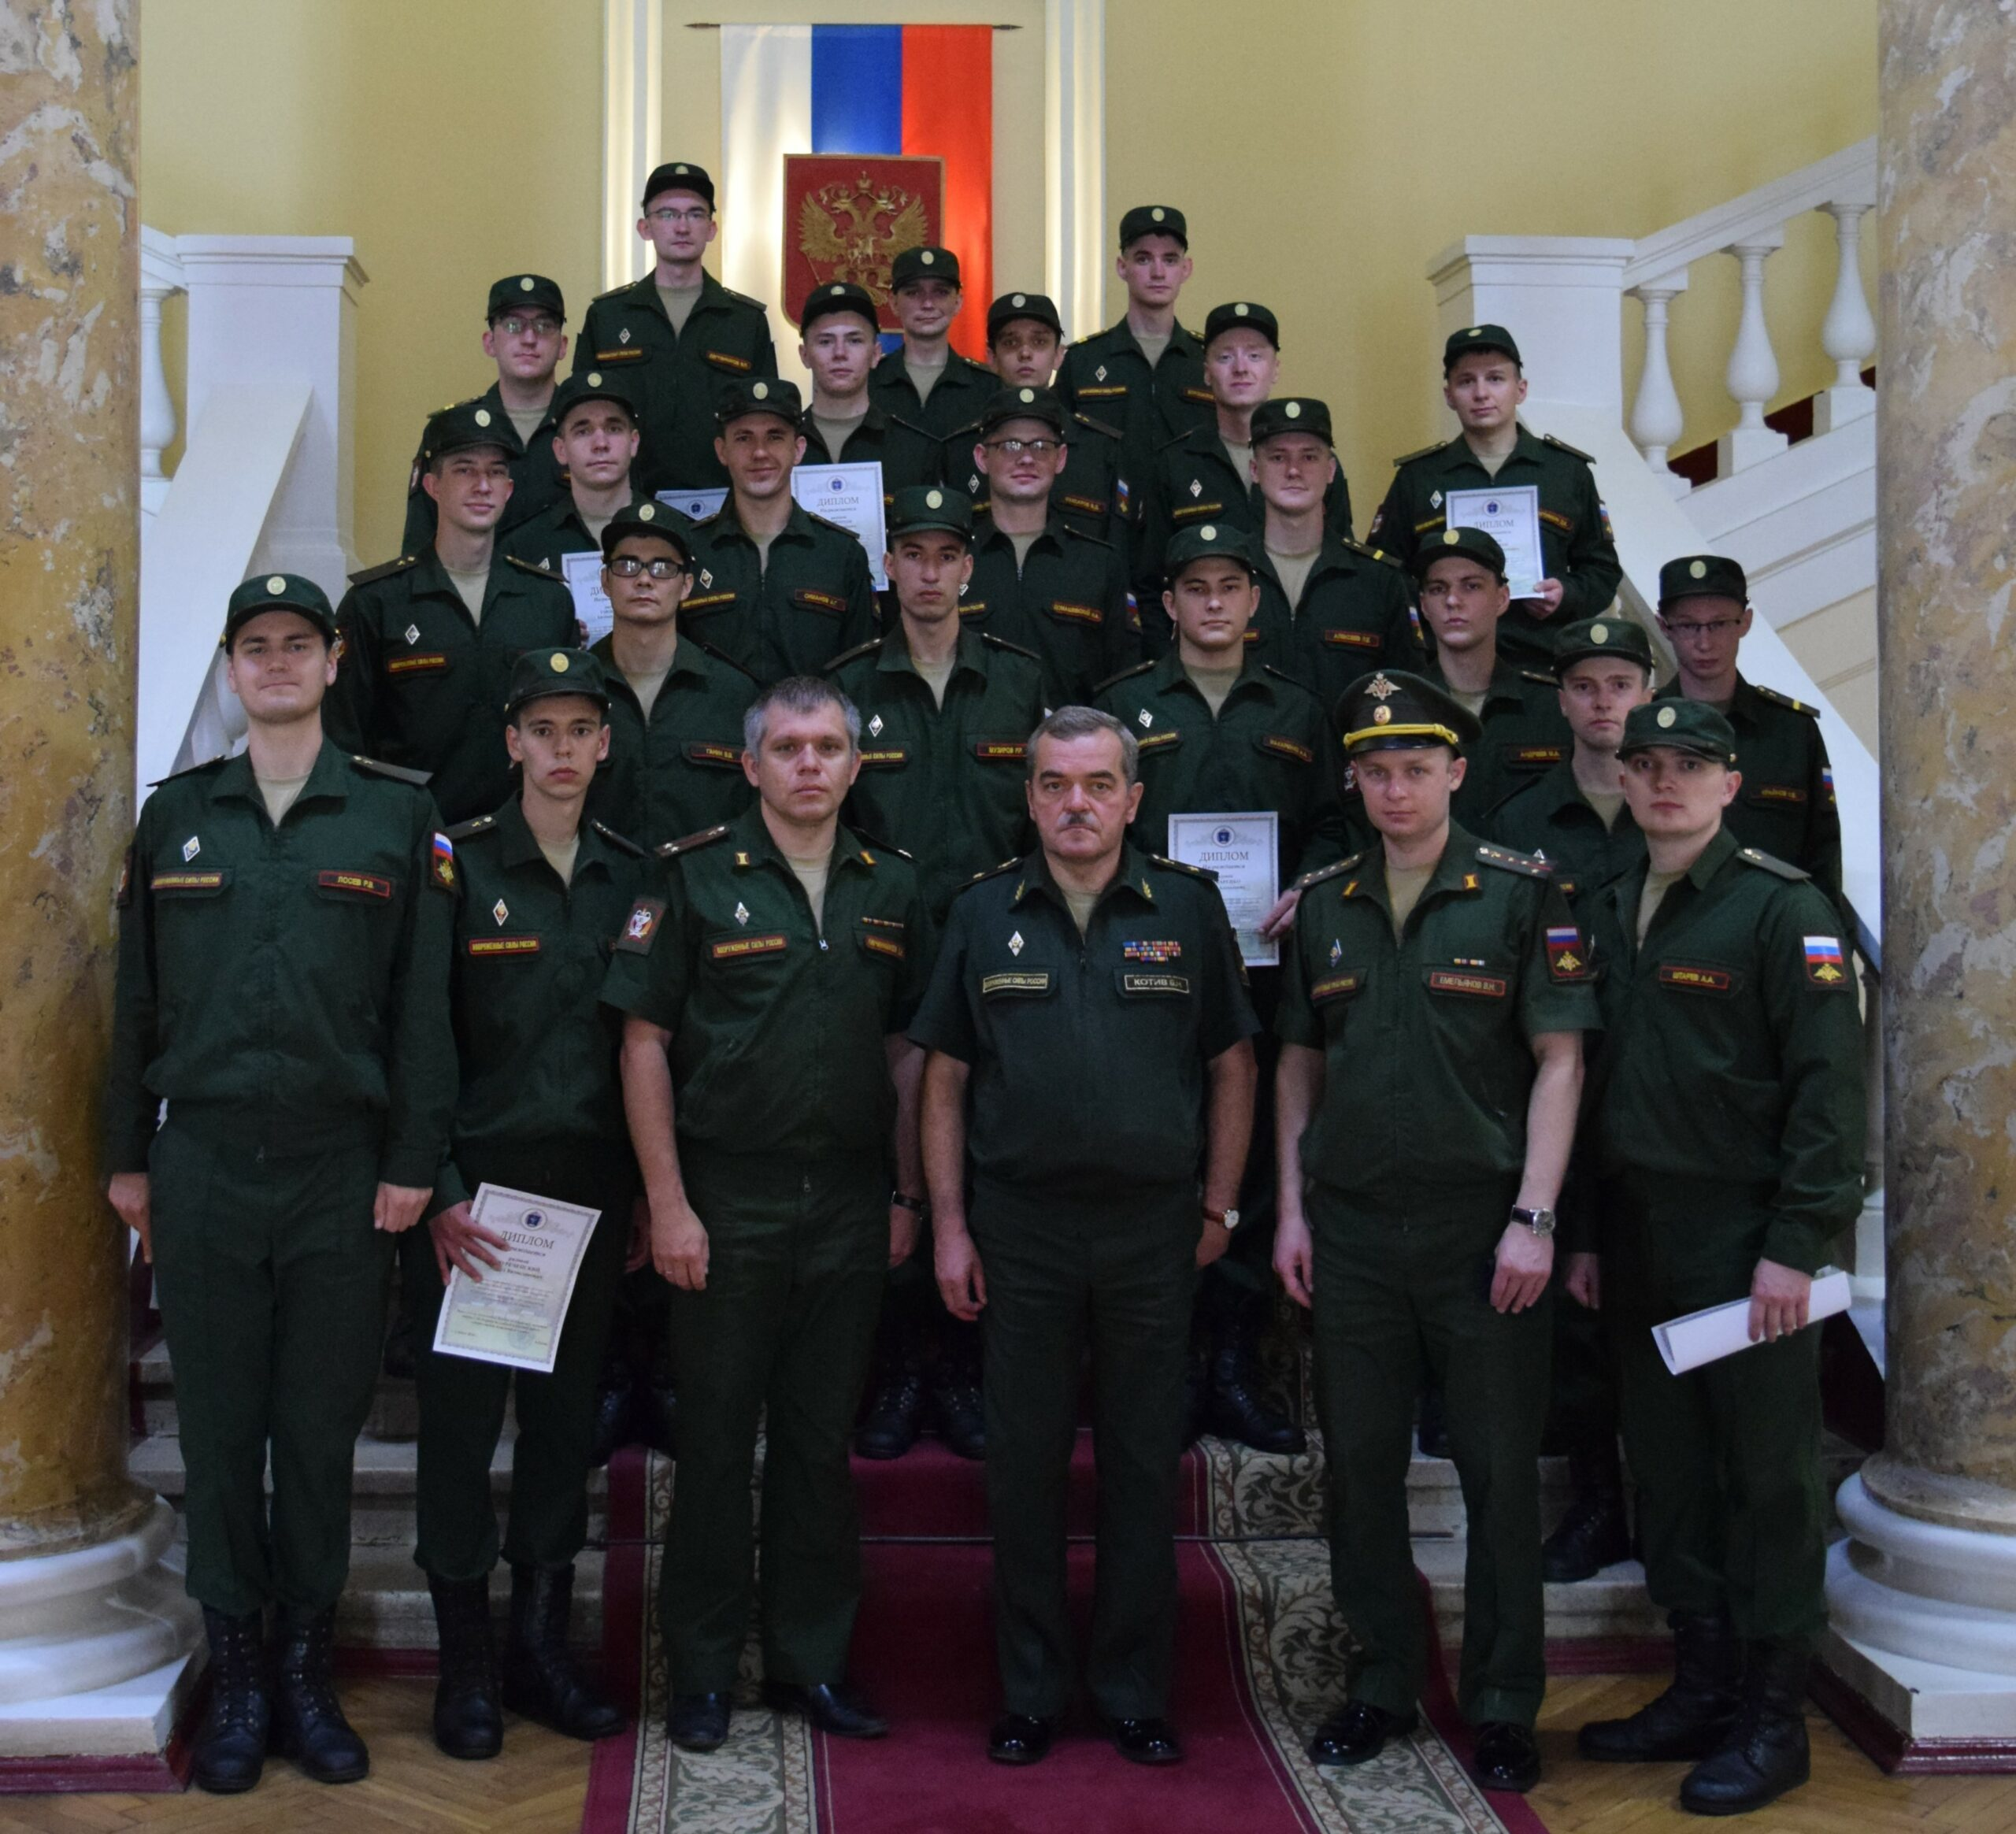 Операторам научной роты Военно-медицинской академии вручили дипломы в связи с успешным окончанием службы